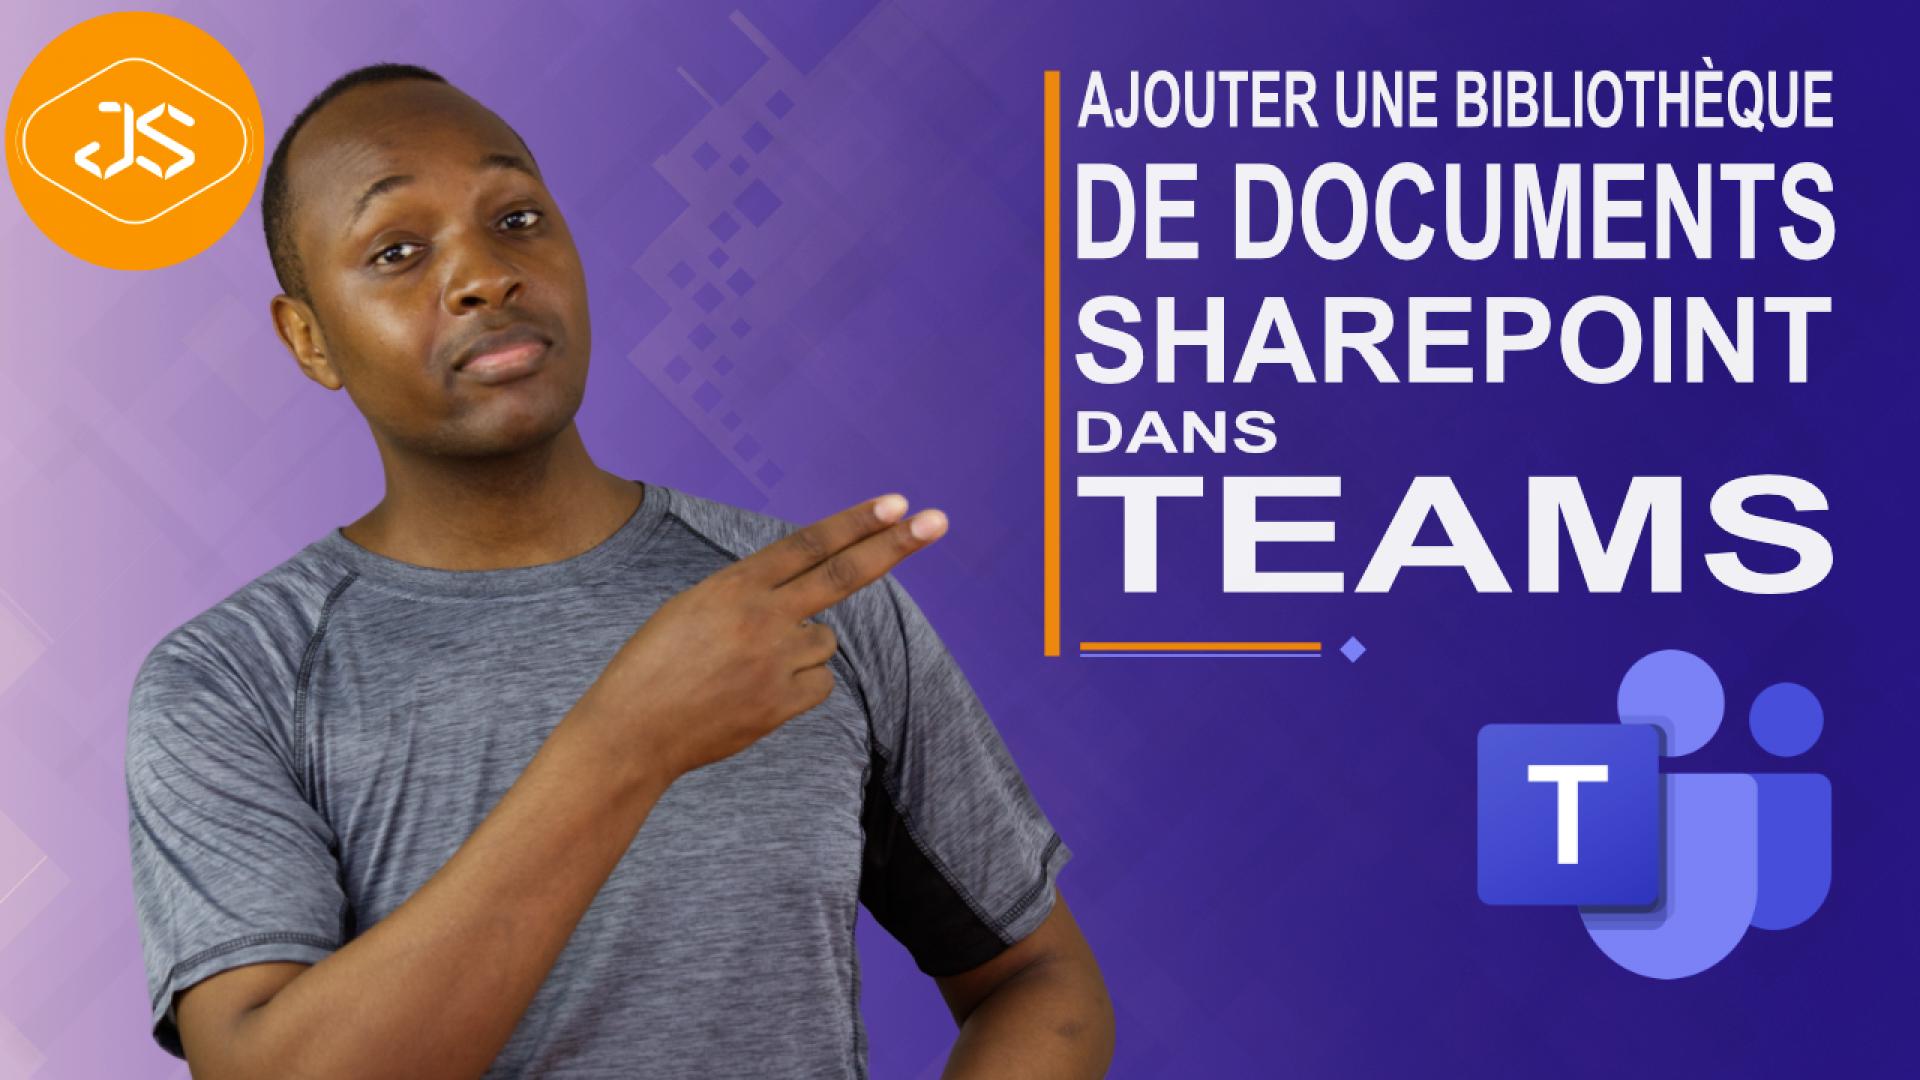 Ajouter une bibliothèque de documents SharePoint dans Teams